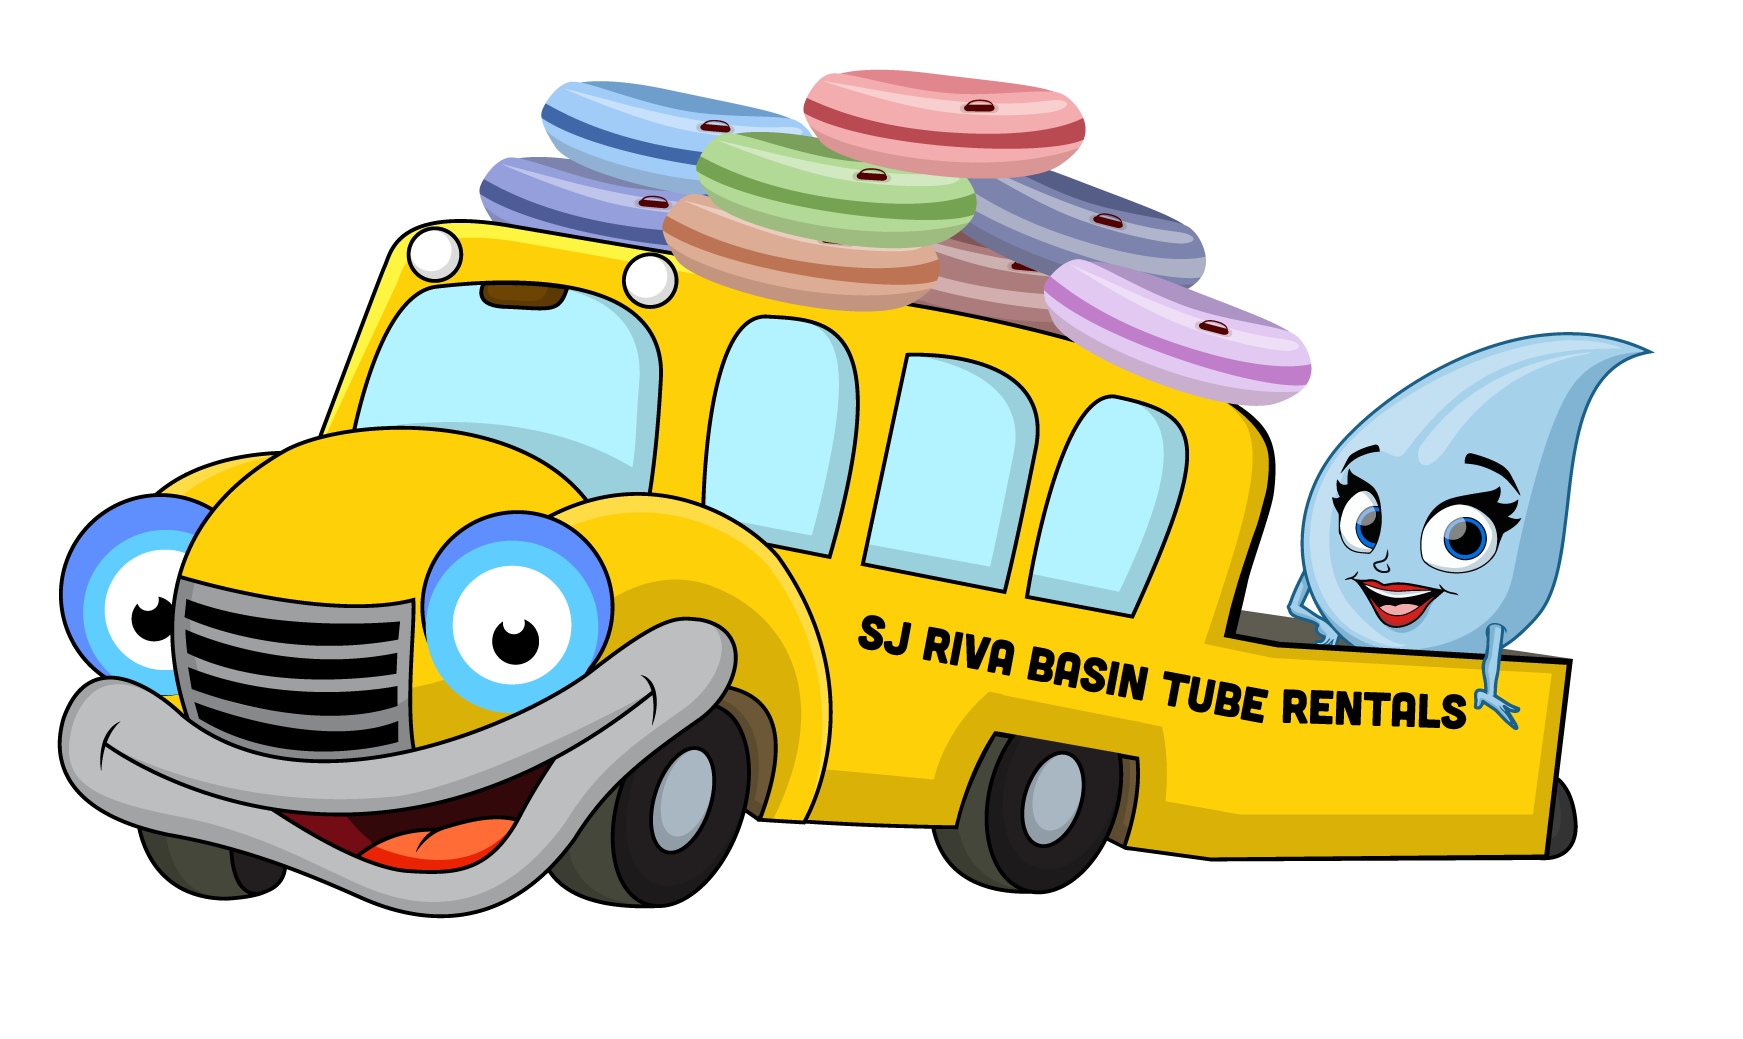 SJ Watershed Tube Rental